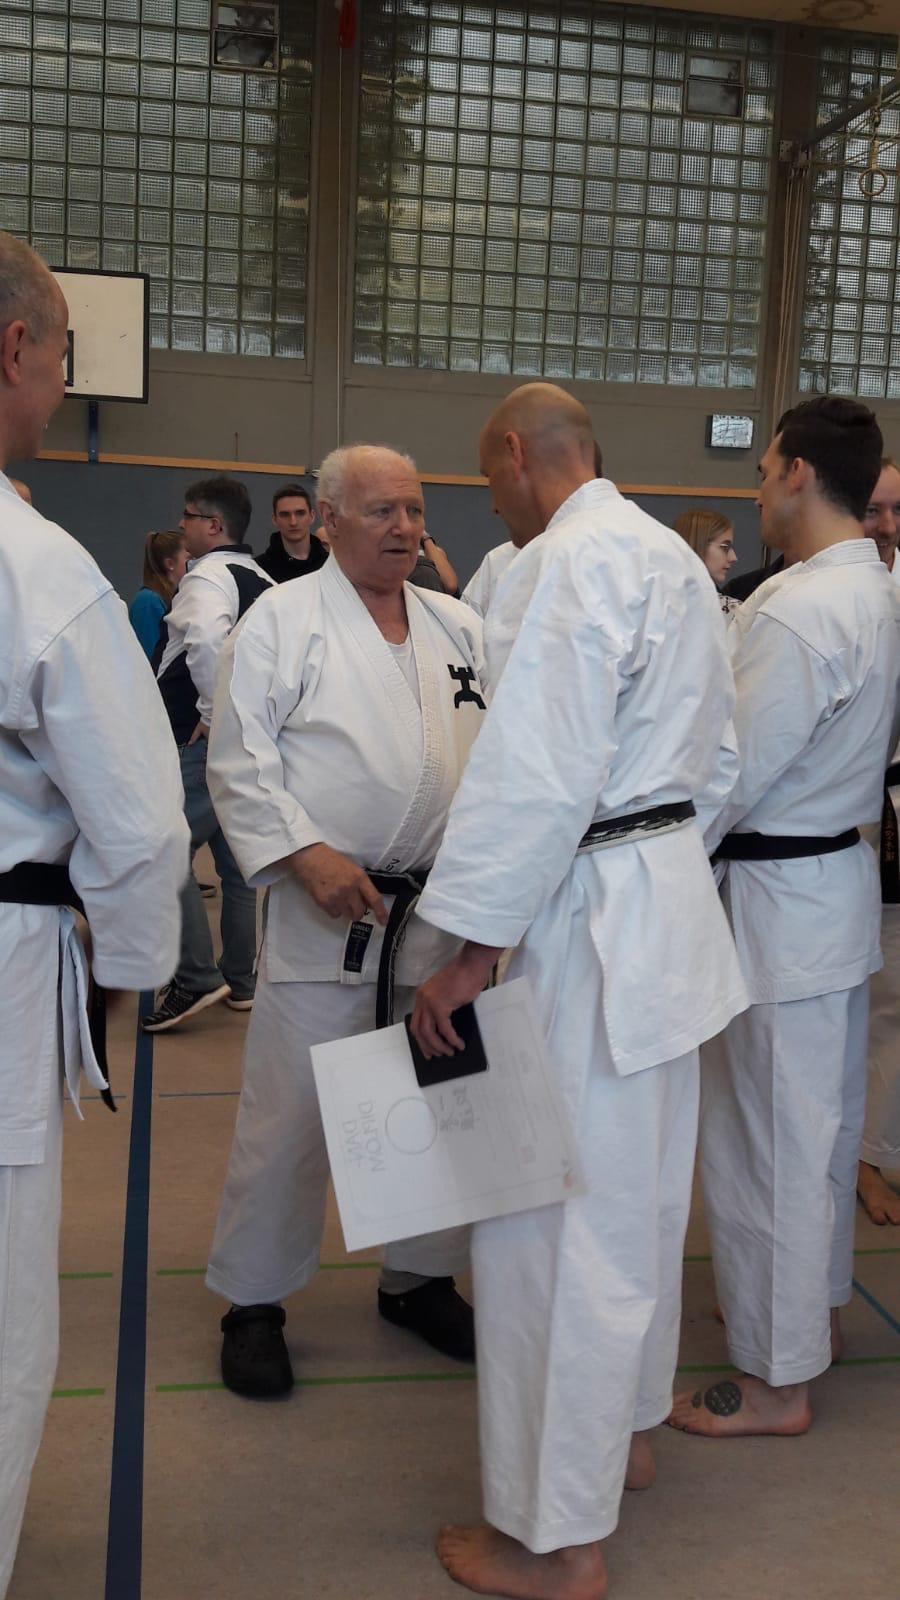 Karate Dan Prüfung von René Roese Glückwunsch zum 4.Dan und vielen Dank an den Partner Thomas Skwarr